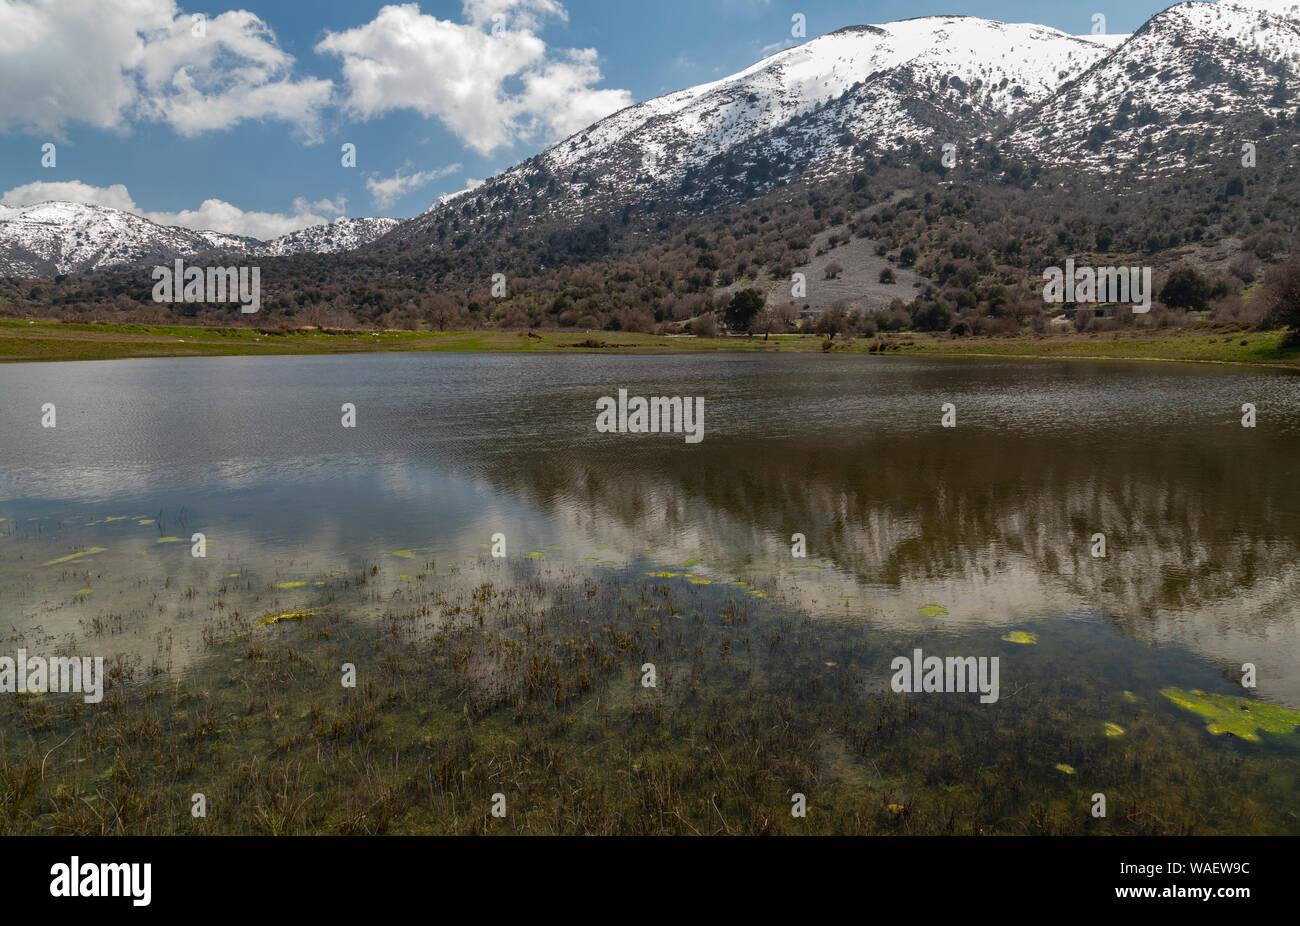 Omalos pond, a Mediterranean Temporary Pond on the Omalos plateau, White mountains, Crete. Stock Photo